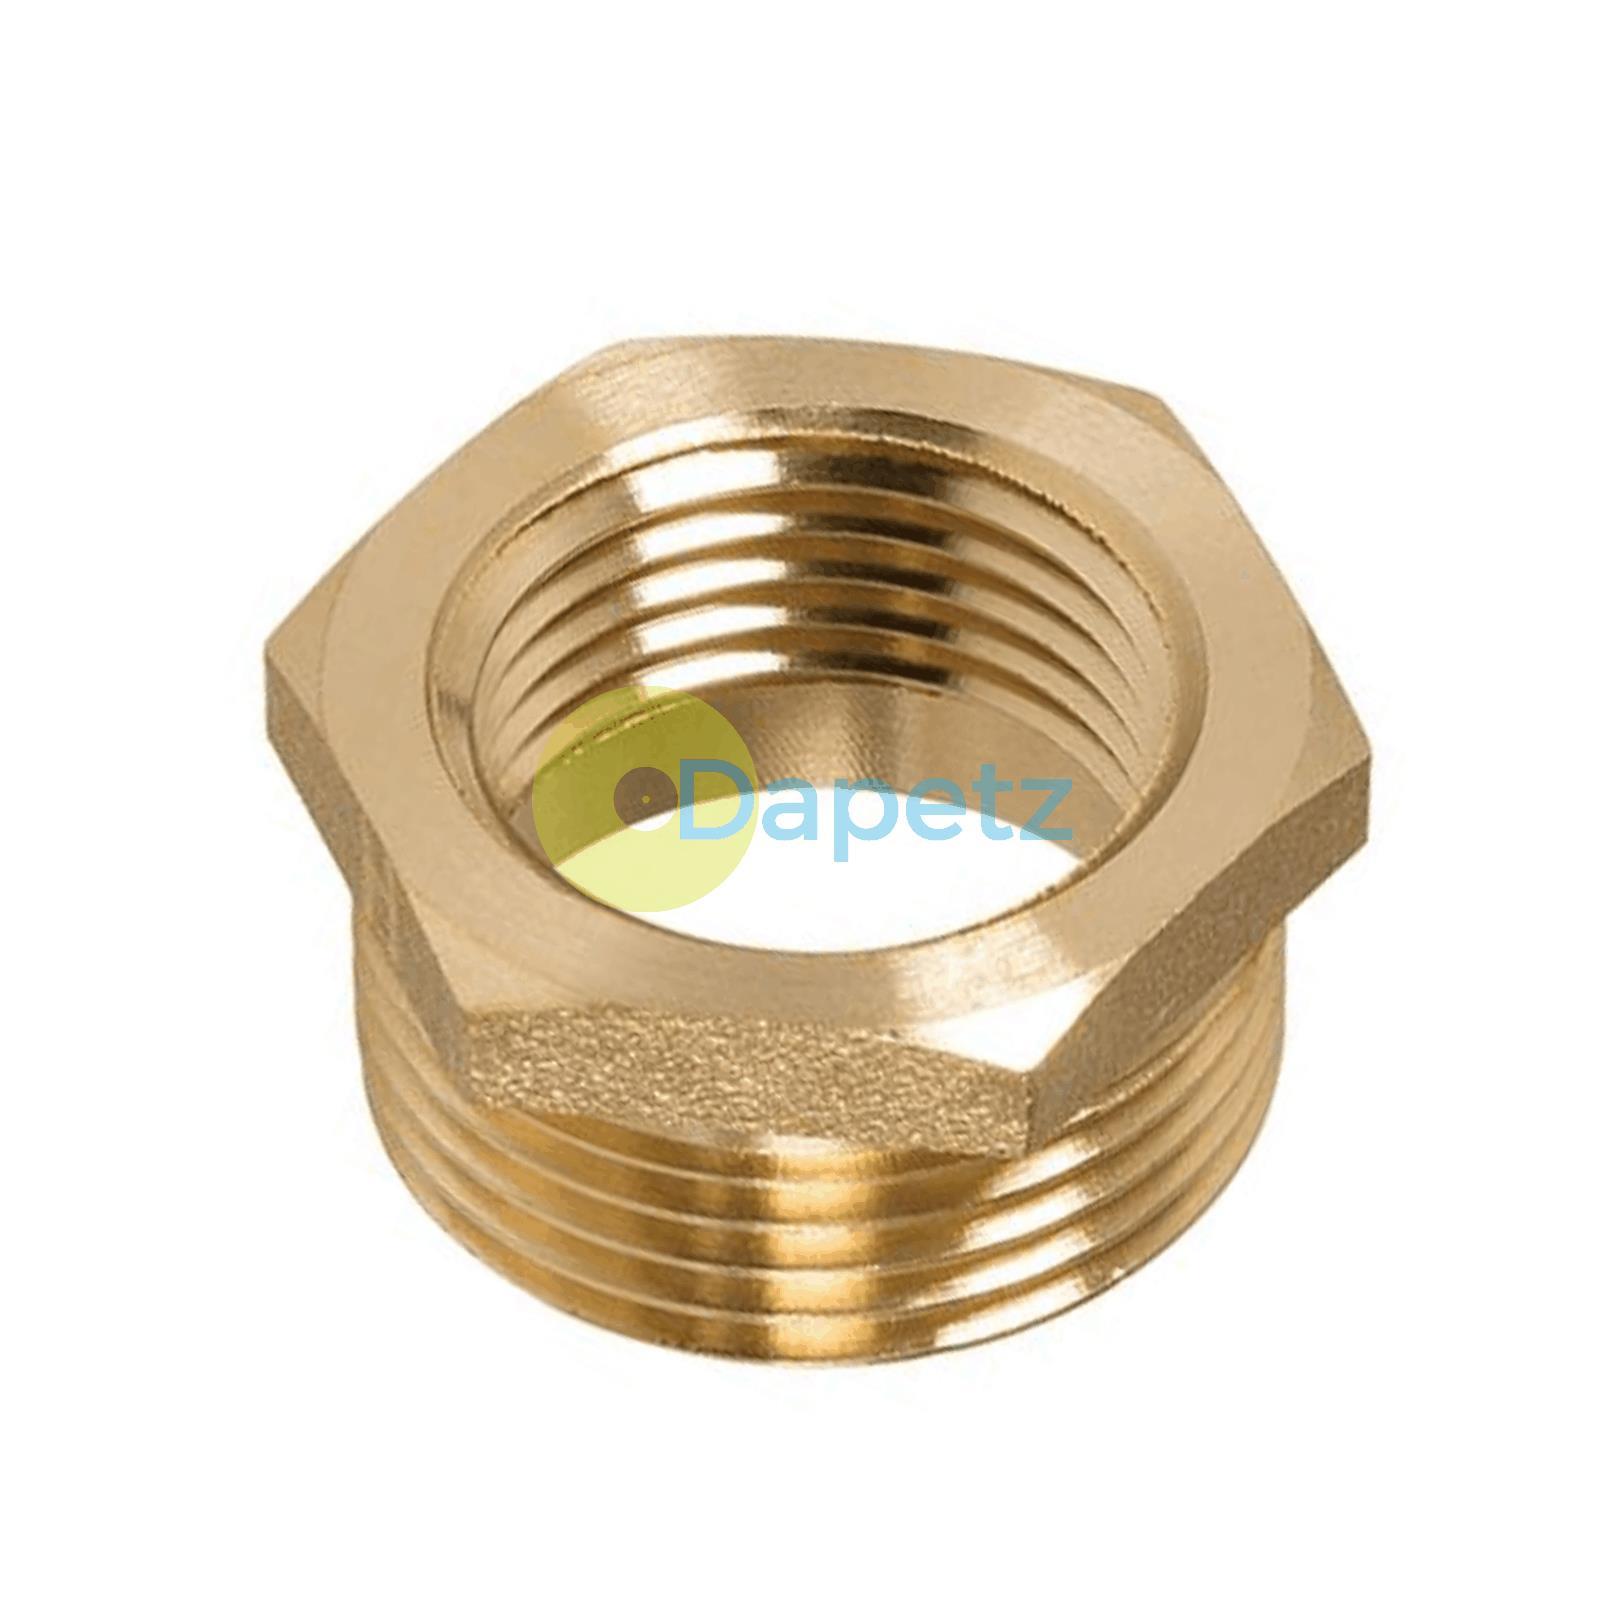 Brass-Reducing-Hexagone-Bush-BSP-Male-a-Femelle-Adaptateur-Connecteur-WRAS-approuves miniature 22